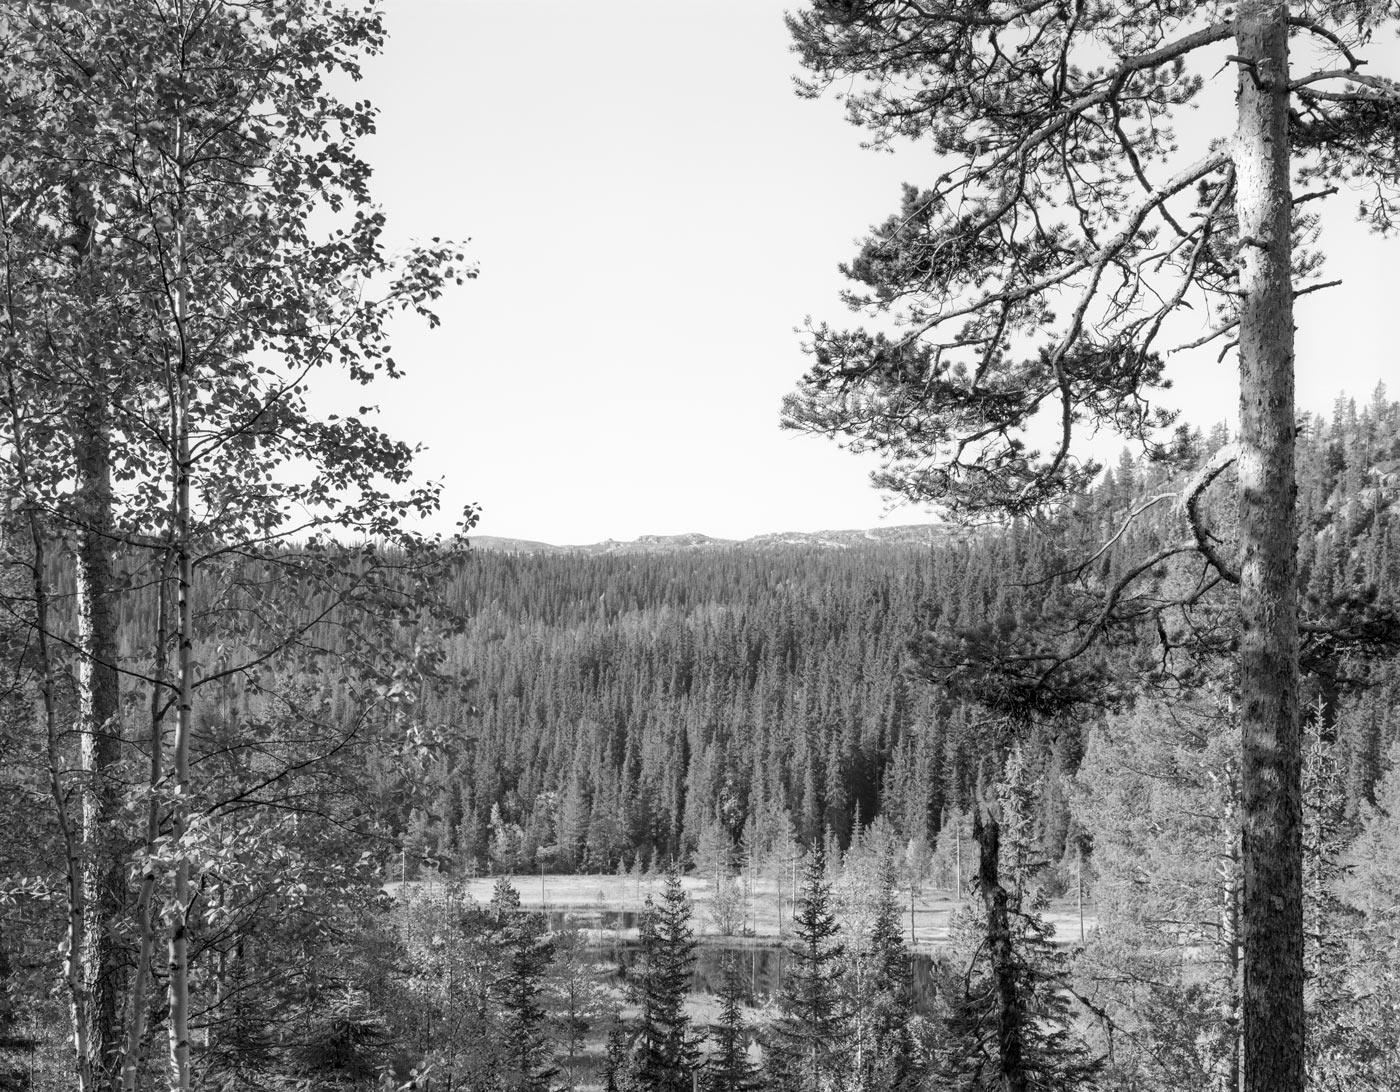 Landskap nr. 37, Eggedal, 1990/1991. Vintage silver gelatin print, 39 x 49 cm (image) / 50 x 60 cm (paper). Unique